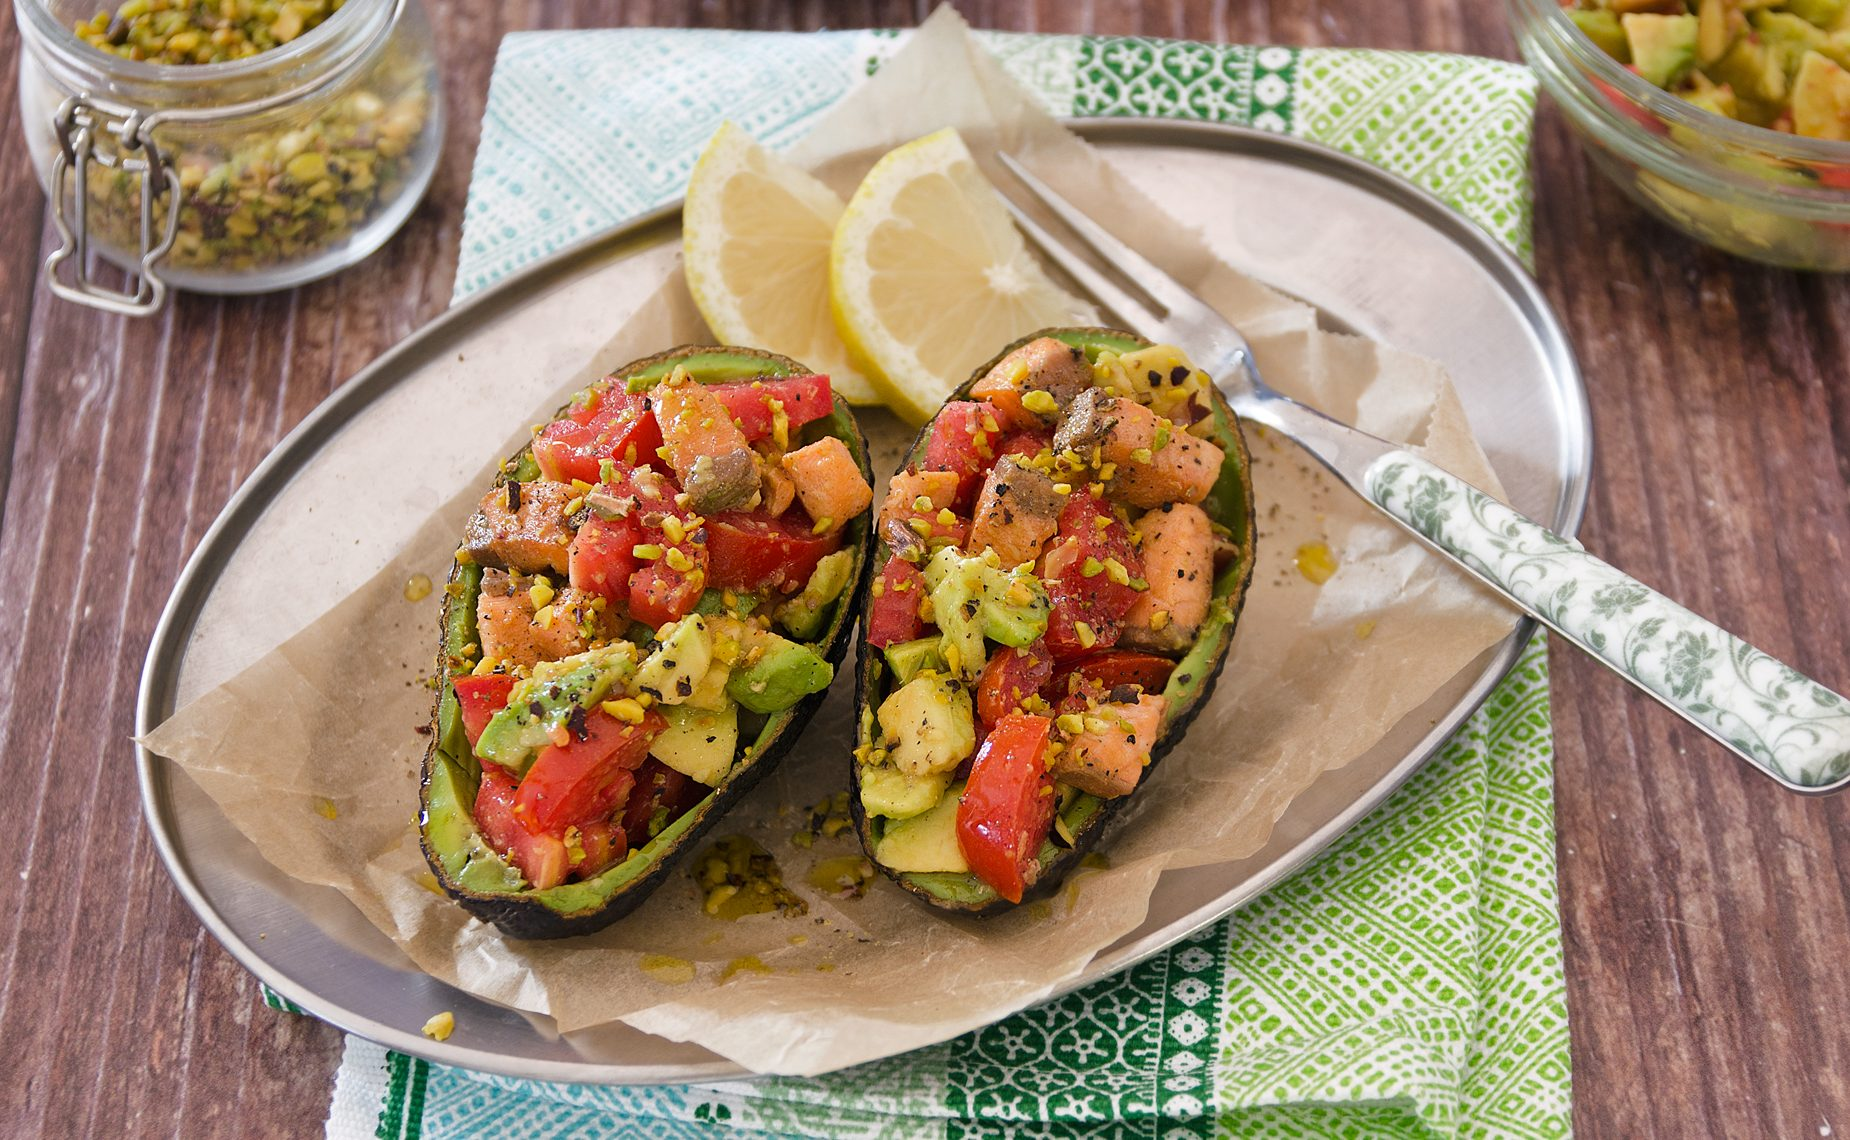 Avocado ripieno con salmone: la ricetta sfiziosa e dal gusto esotico